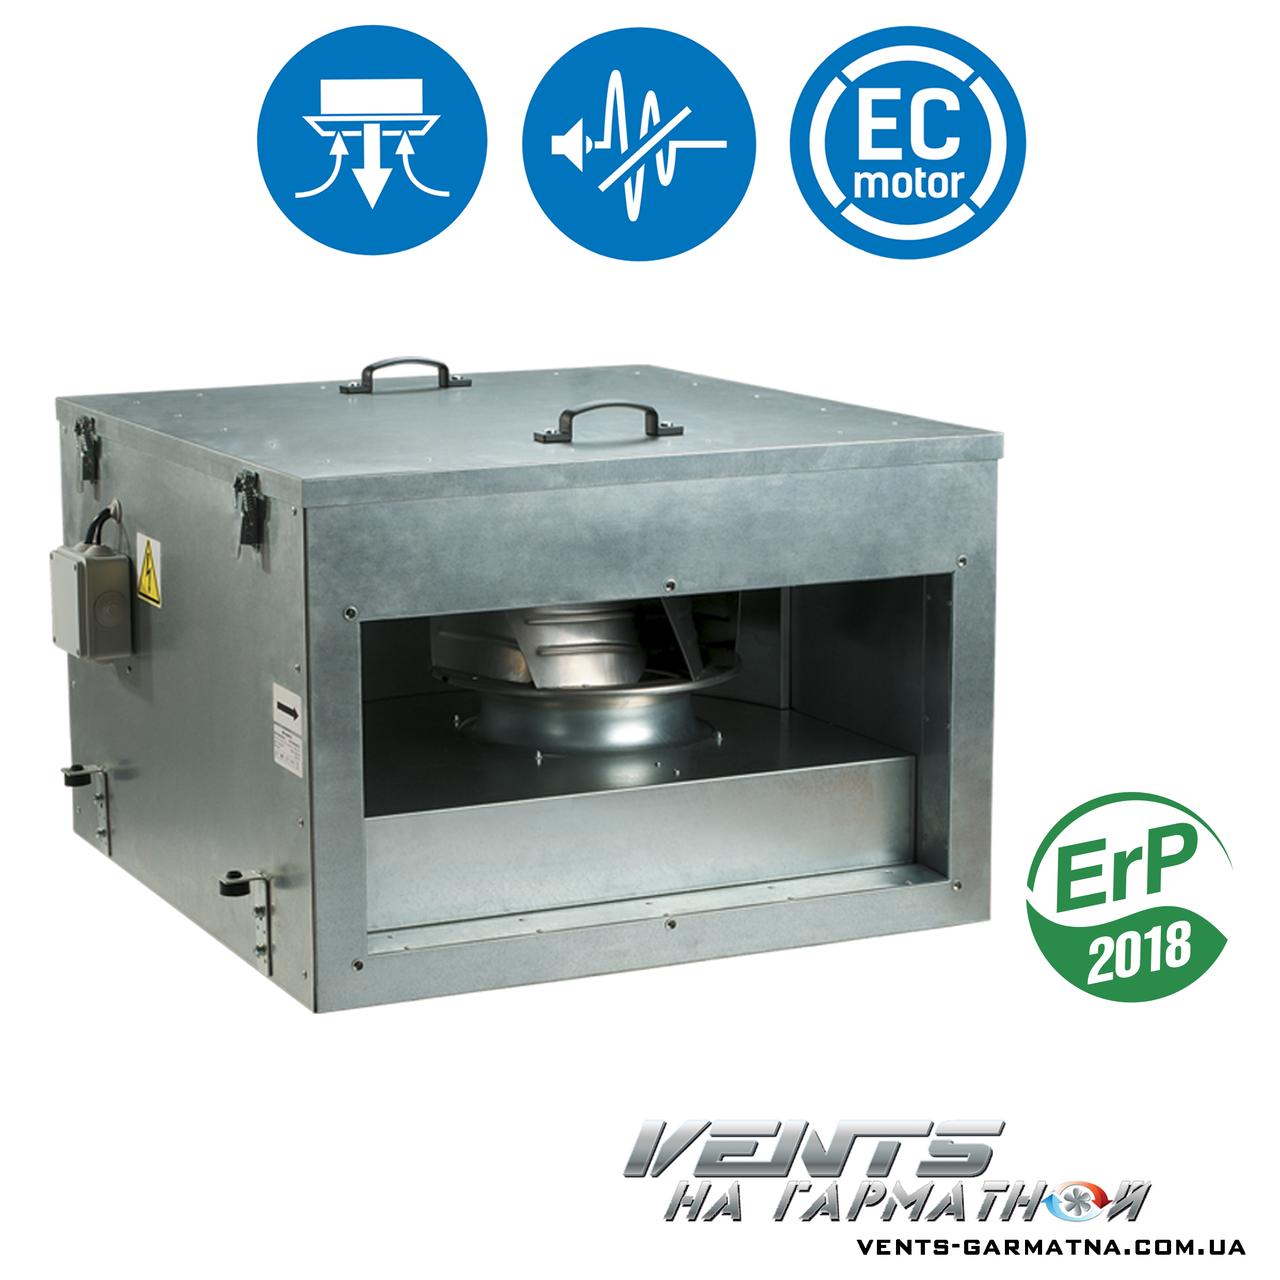 Вентс ВКПИ 300х150 М1 ЕС. Канальный вентилятор в шумоизолированном корпусе с ЕС-мотором